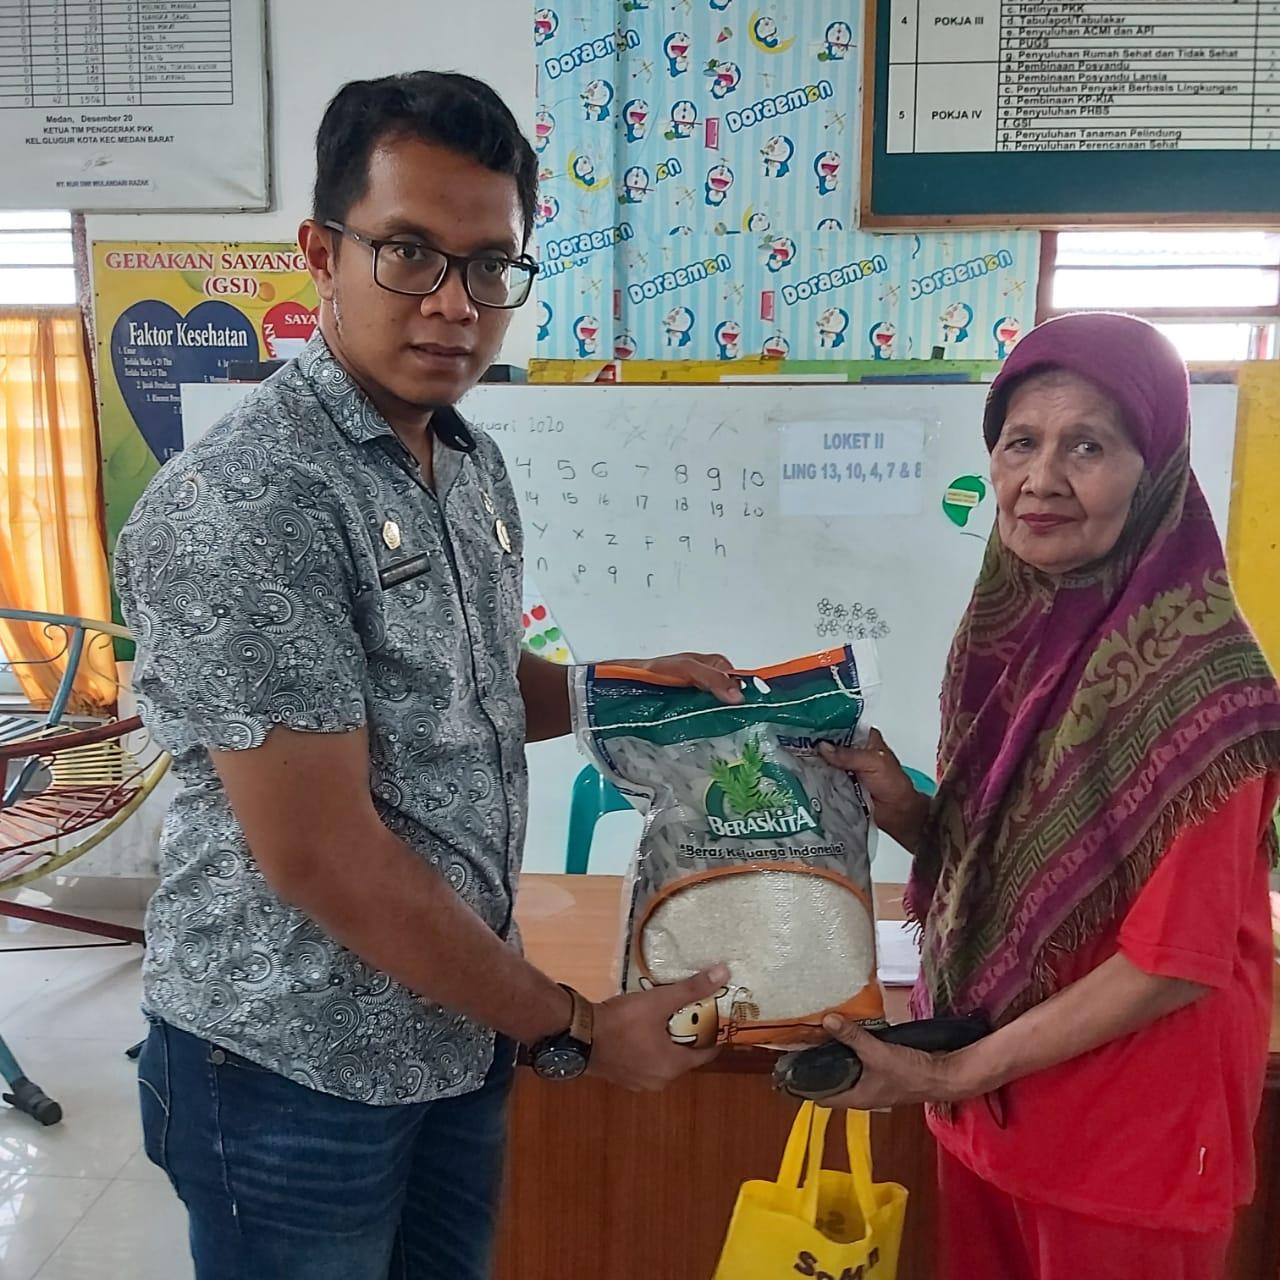 Ket. Foto : Lurah Kelurahan Glugur Kota, Abdul Razak SAB MSi menyerahkan bantuan beras dari Pemko Medan kepada warga di Aula Kelurahan Glugur Kota, Kamis (9/4/2020).(masrianto)